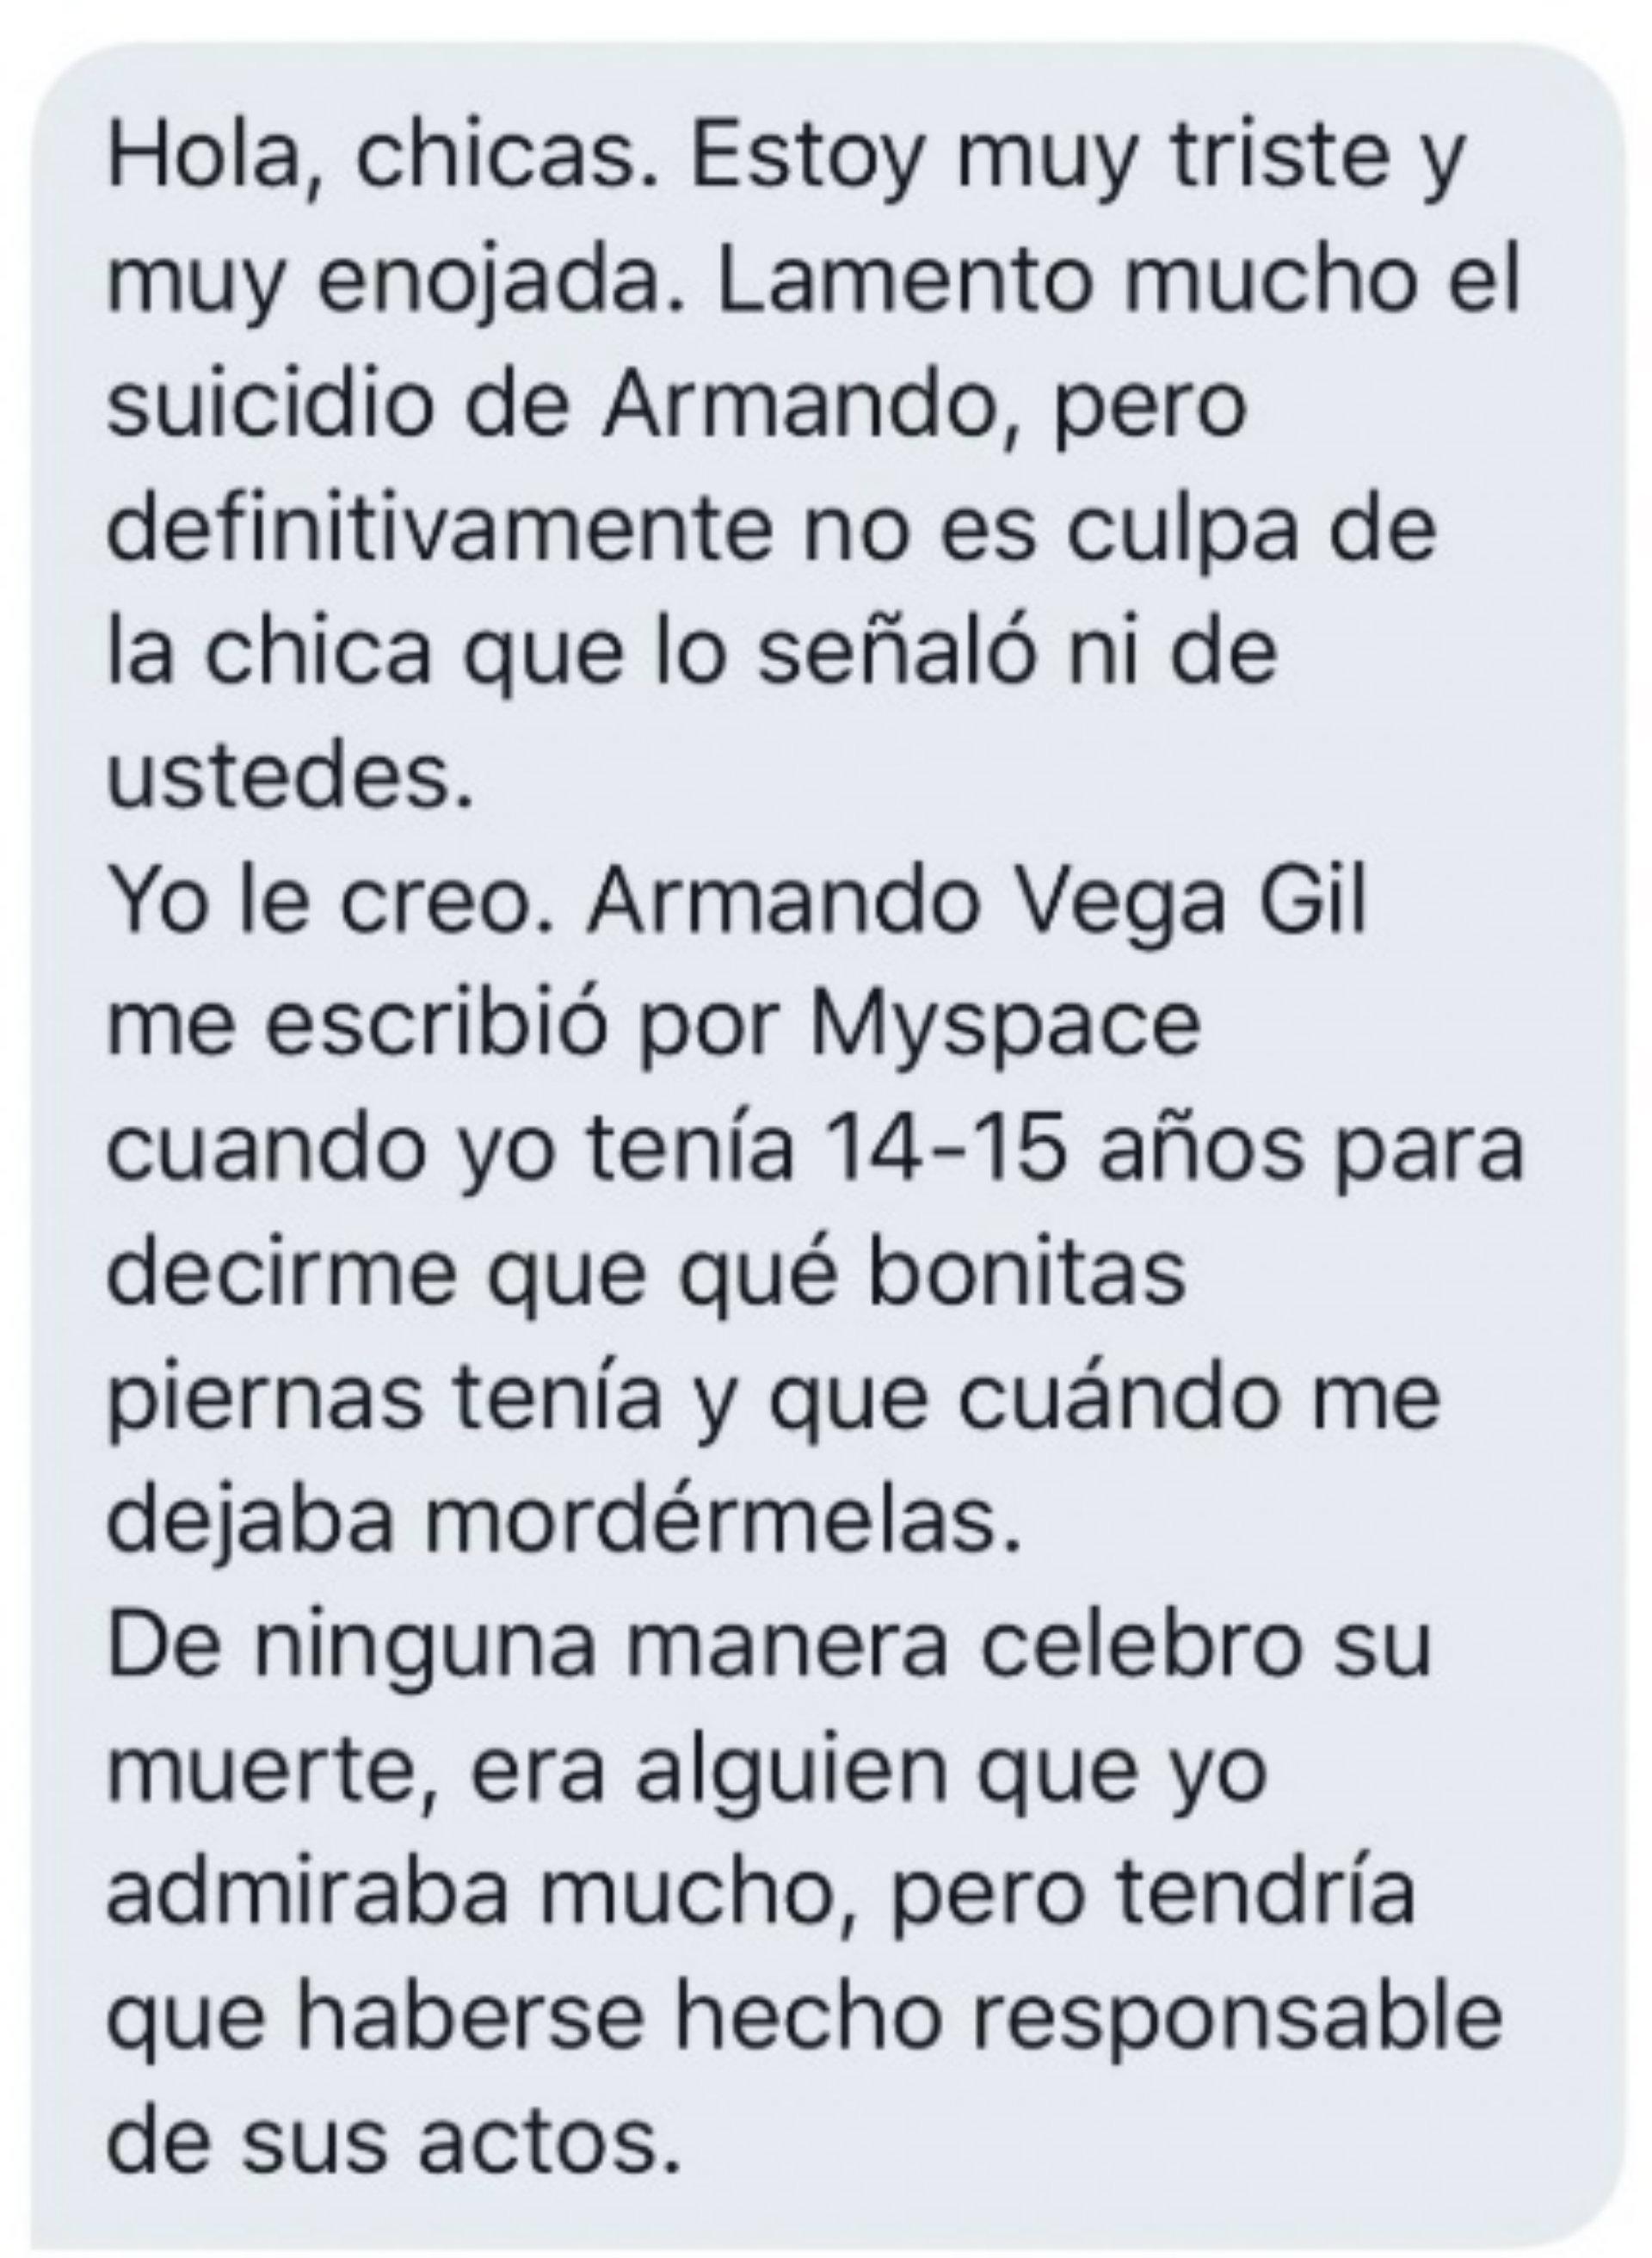 armando_vega_gil_tercera_acusacion_metoomusicosnexicanos